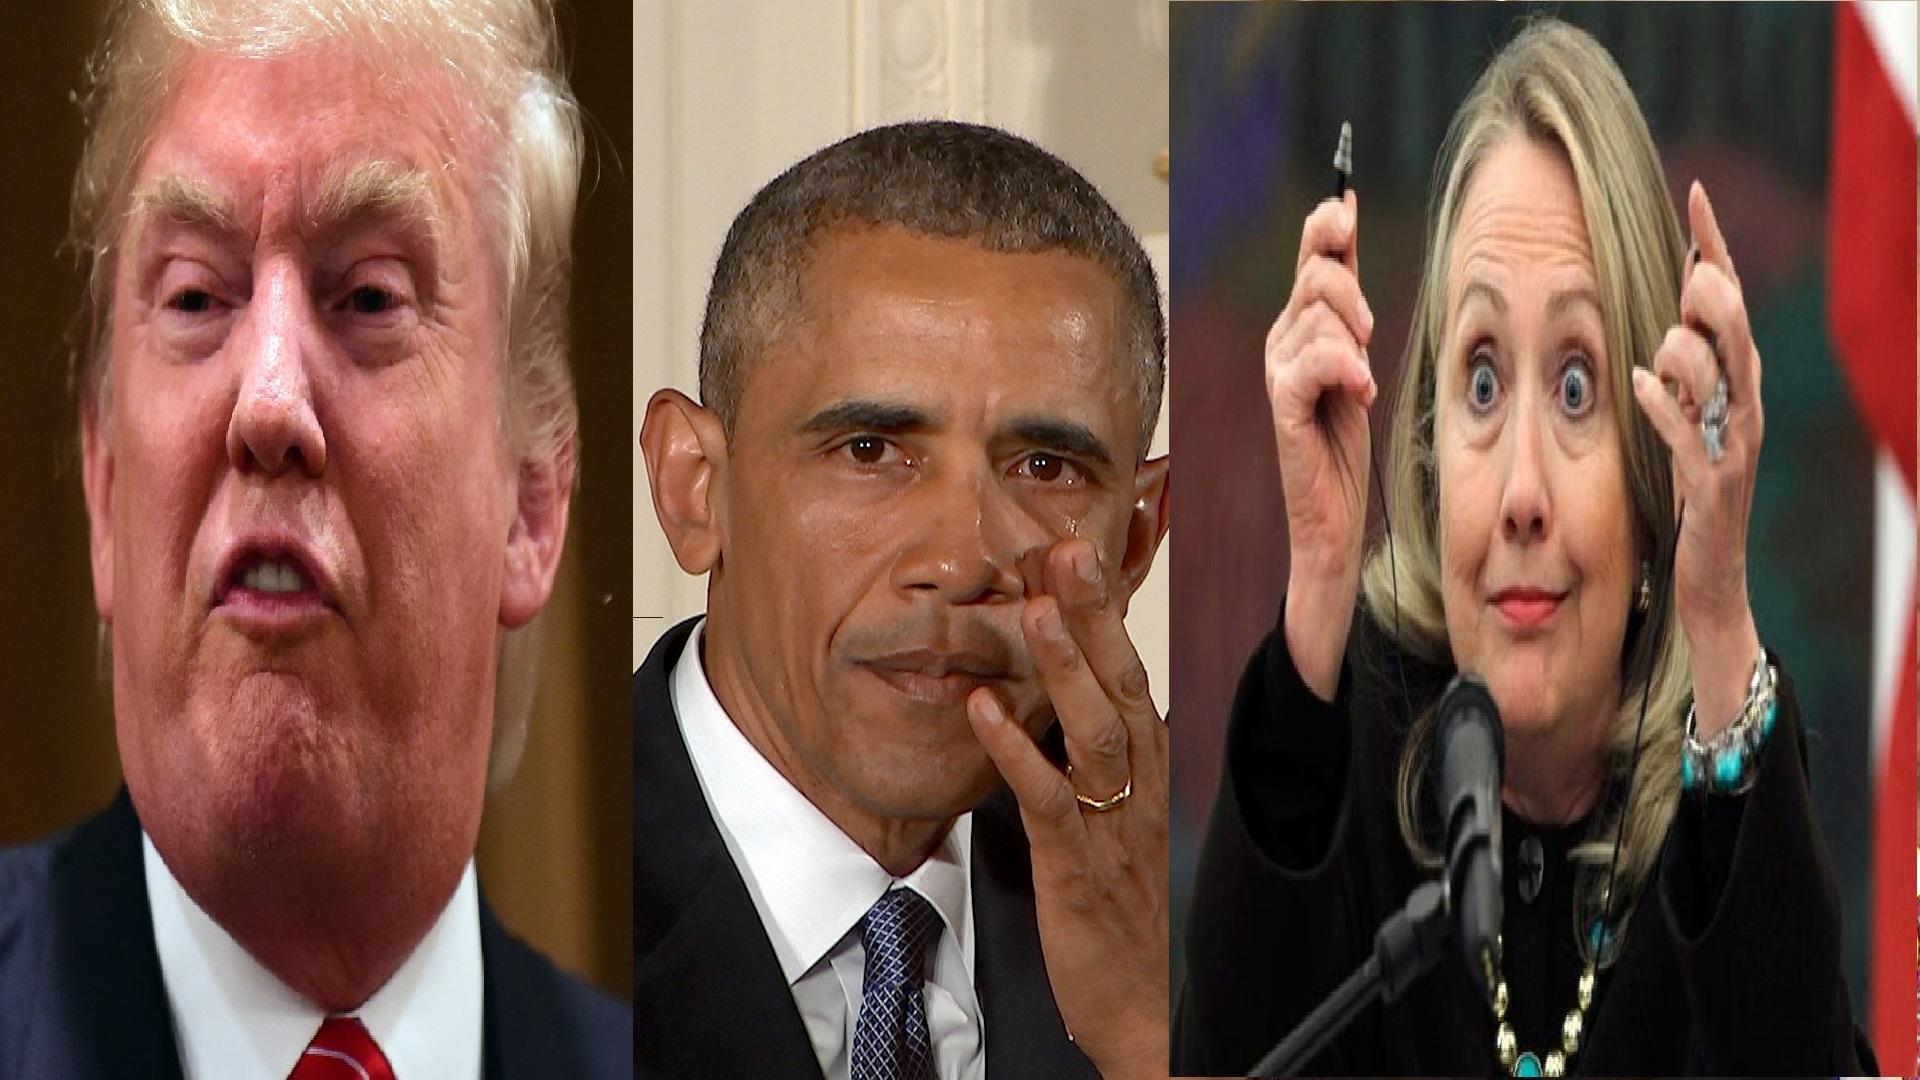 مقایسه سیاست خارجی  هیلاری کلینتون، باراک اوباما، دونالد ترامپ